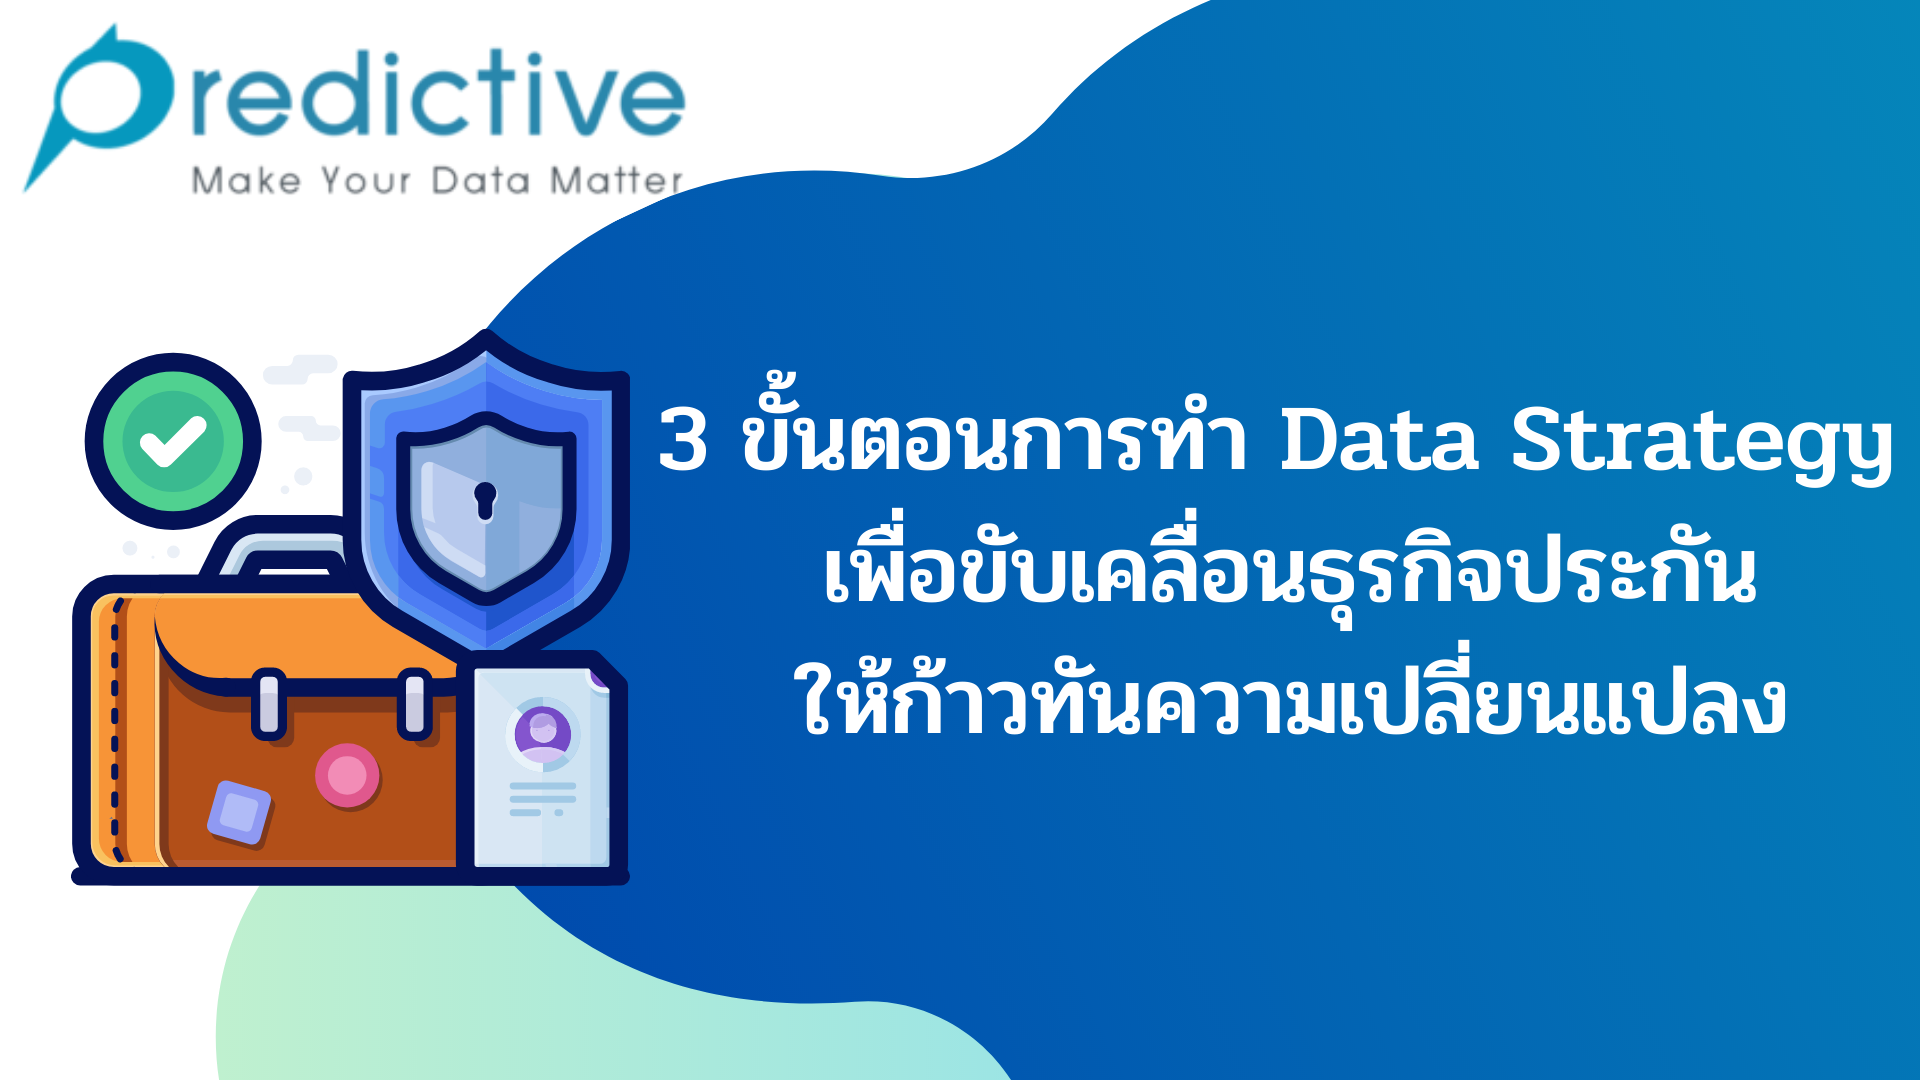 3 ขั้นตอนการทำ Data Strategy-เพื่อขับเคลื่อนธุรกิจประกันให้ก้าวทันความเปลี่ยนแปลง